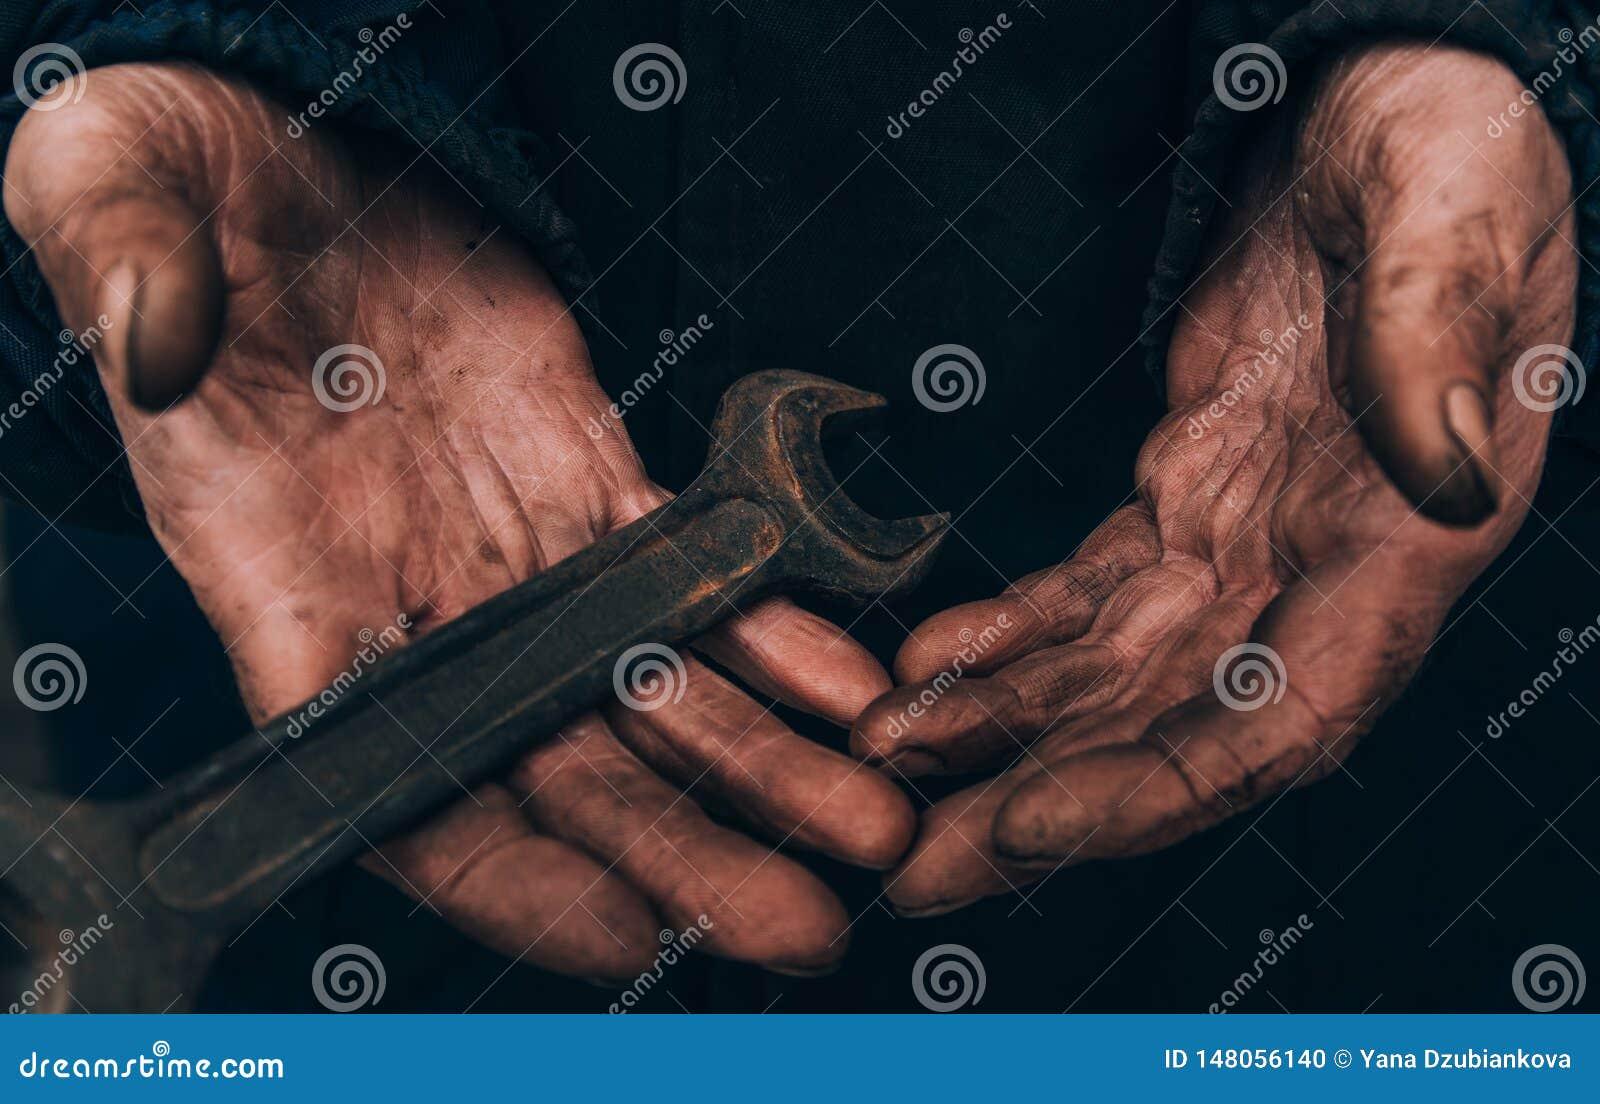 De vuile handen van een mens, een werkende mens, een mens voerden zijn handen af terwijl het werken, een slechte mens